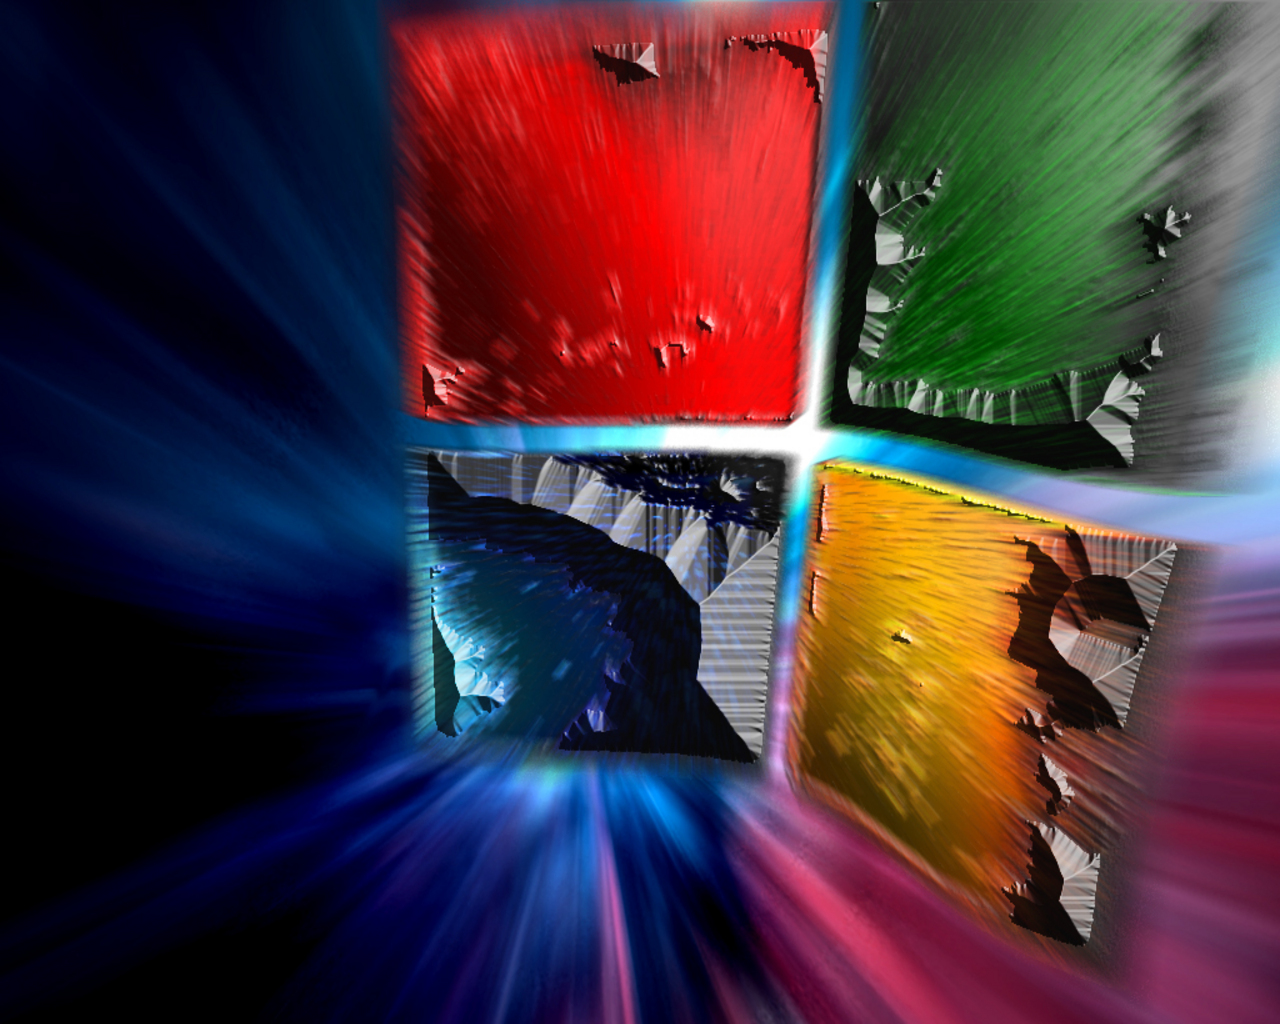 http://4.bp.blogspot.com/-7FAf5VOQgaw/Te3ttl-SpMI/AAAAAAAAAGc/nTpIn8_qa0o/s1600/windows-vista-quality-wallpaper.jpg